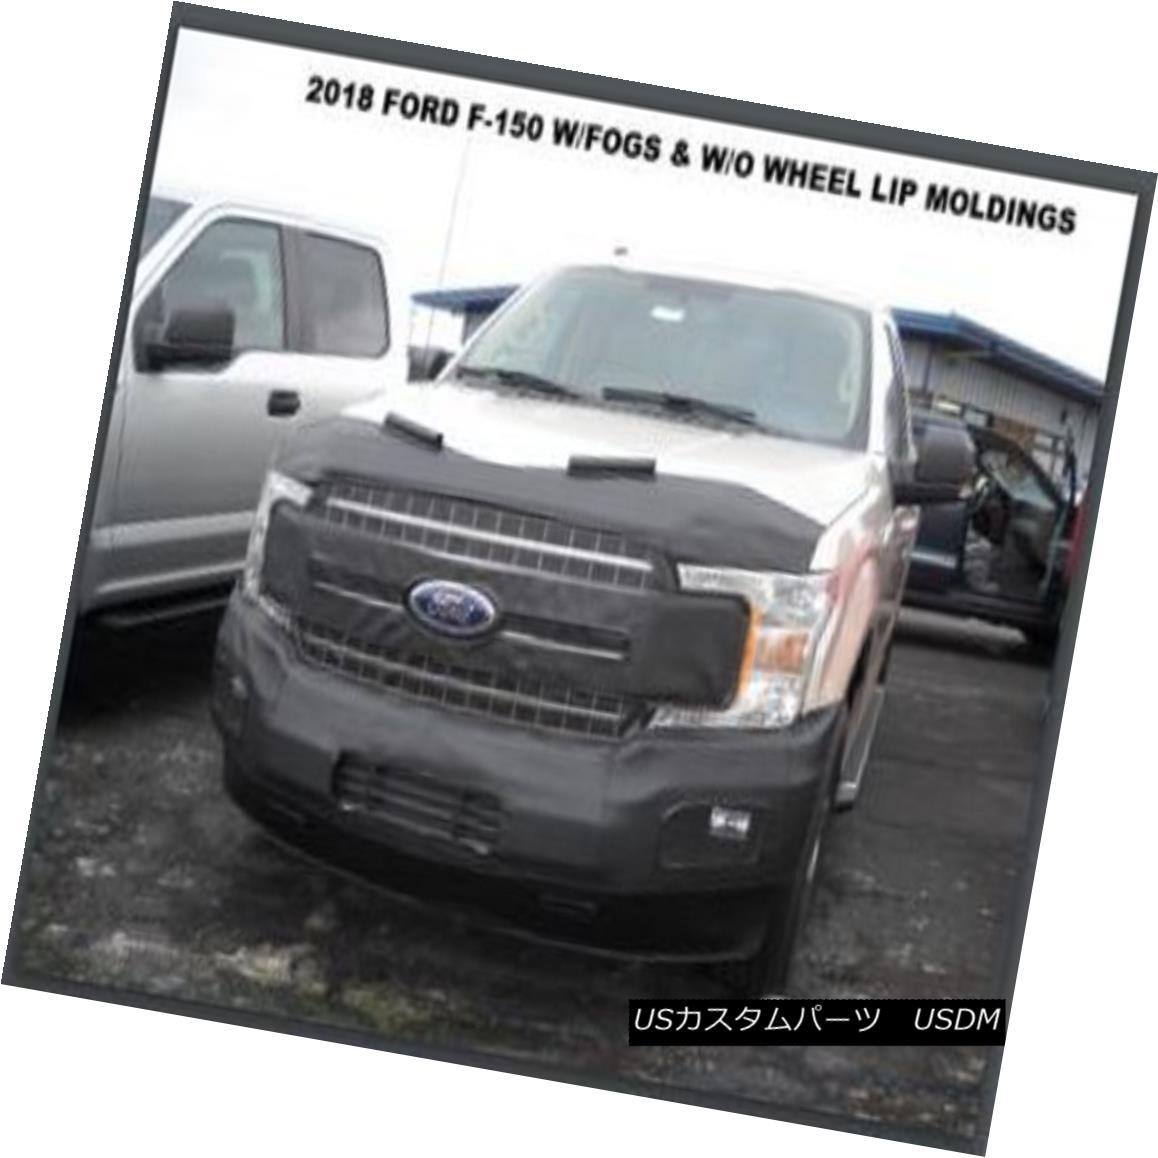 フルブラ ノーズブラ Lebra Front Mask Cover Bra Fits 2018 Ford F150 w/Fogs & w/o wheel lip moldings Lebraフロントマスクカバーブラは2018 Ford F150 with Fogs& ホイールリップモールディングなし